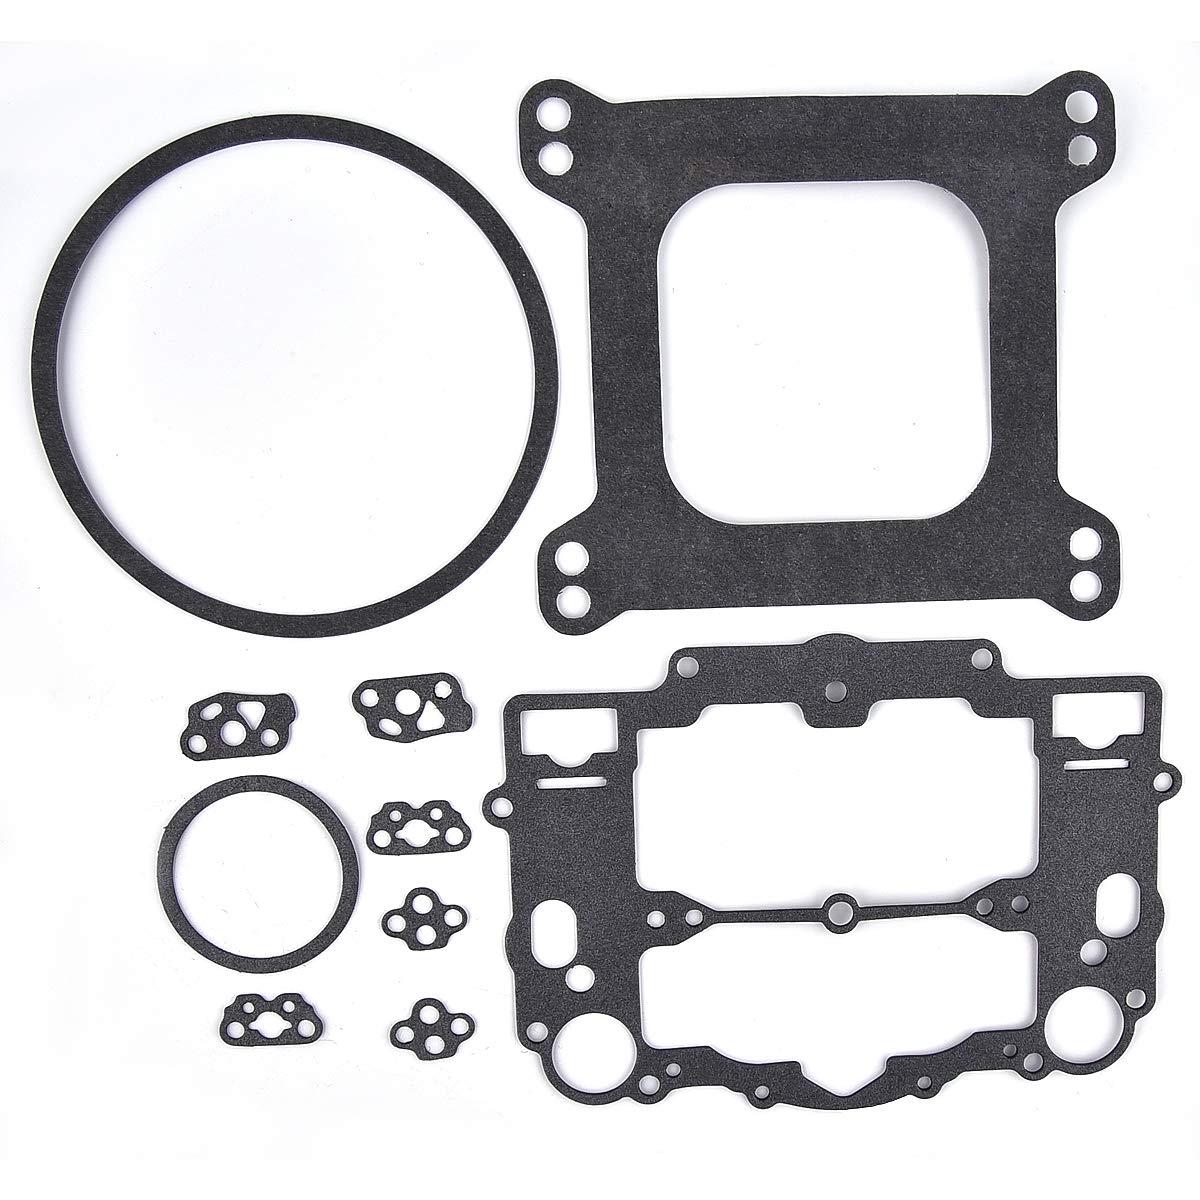 Carburetor Rebuild Kit Repair Carb for Edelbrock 1477 1400 1404 1405 1406 1407 Dirtbikeclub